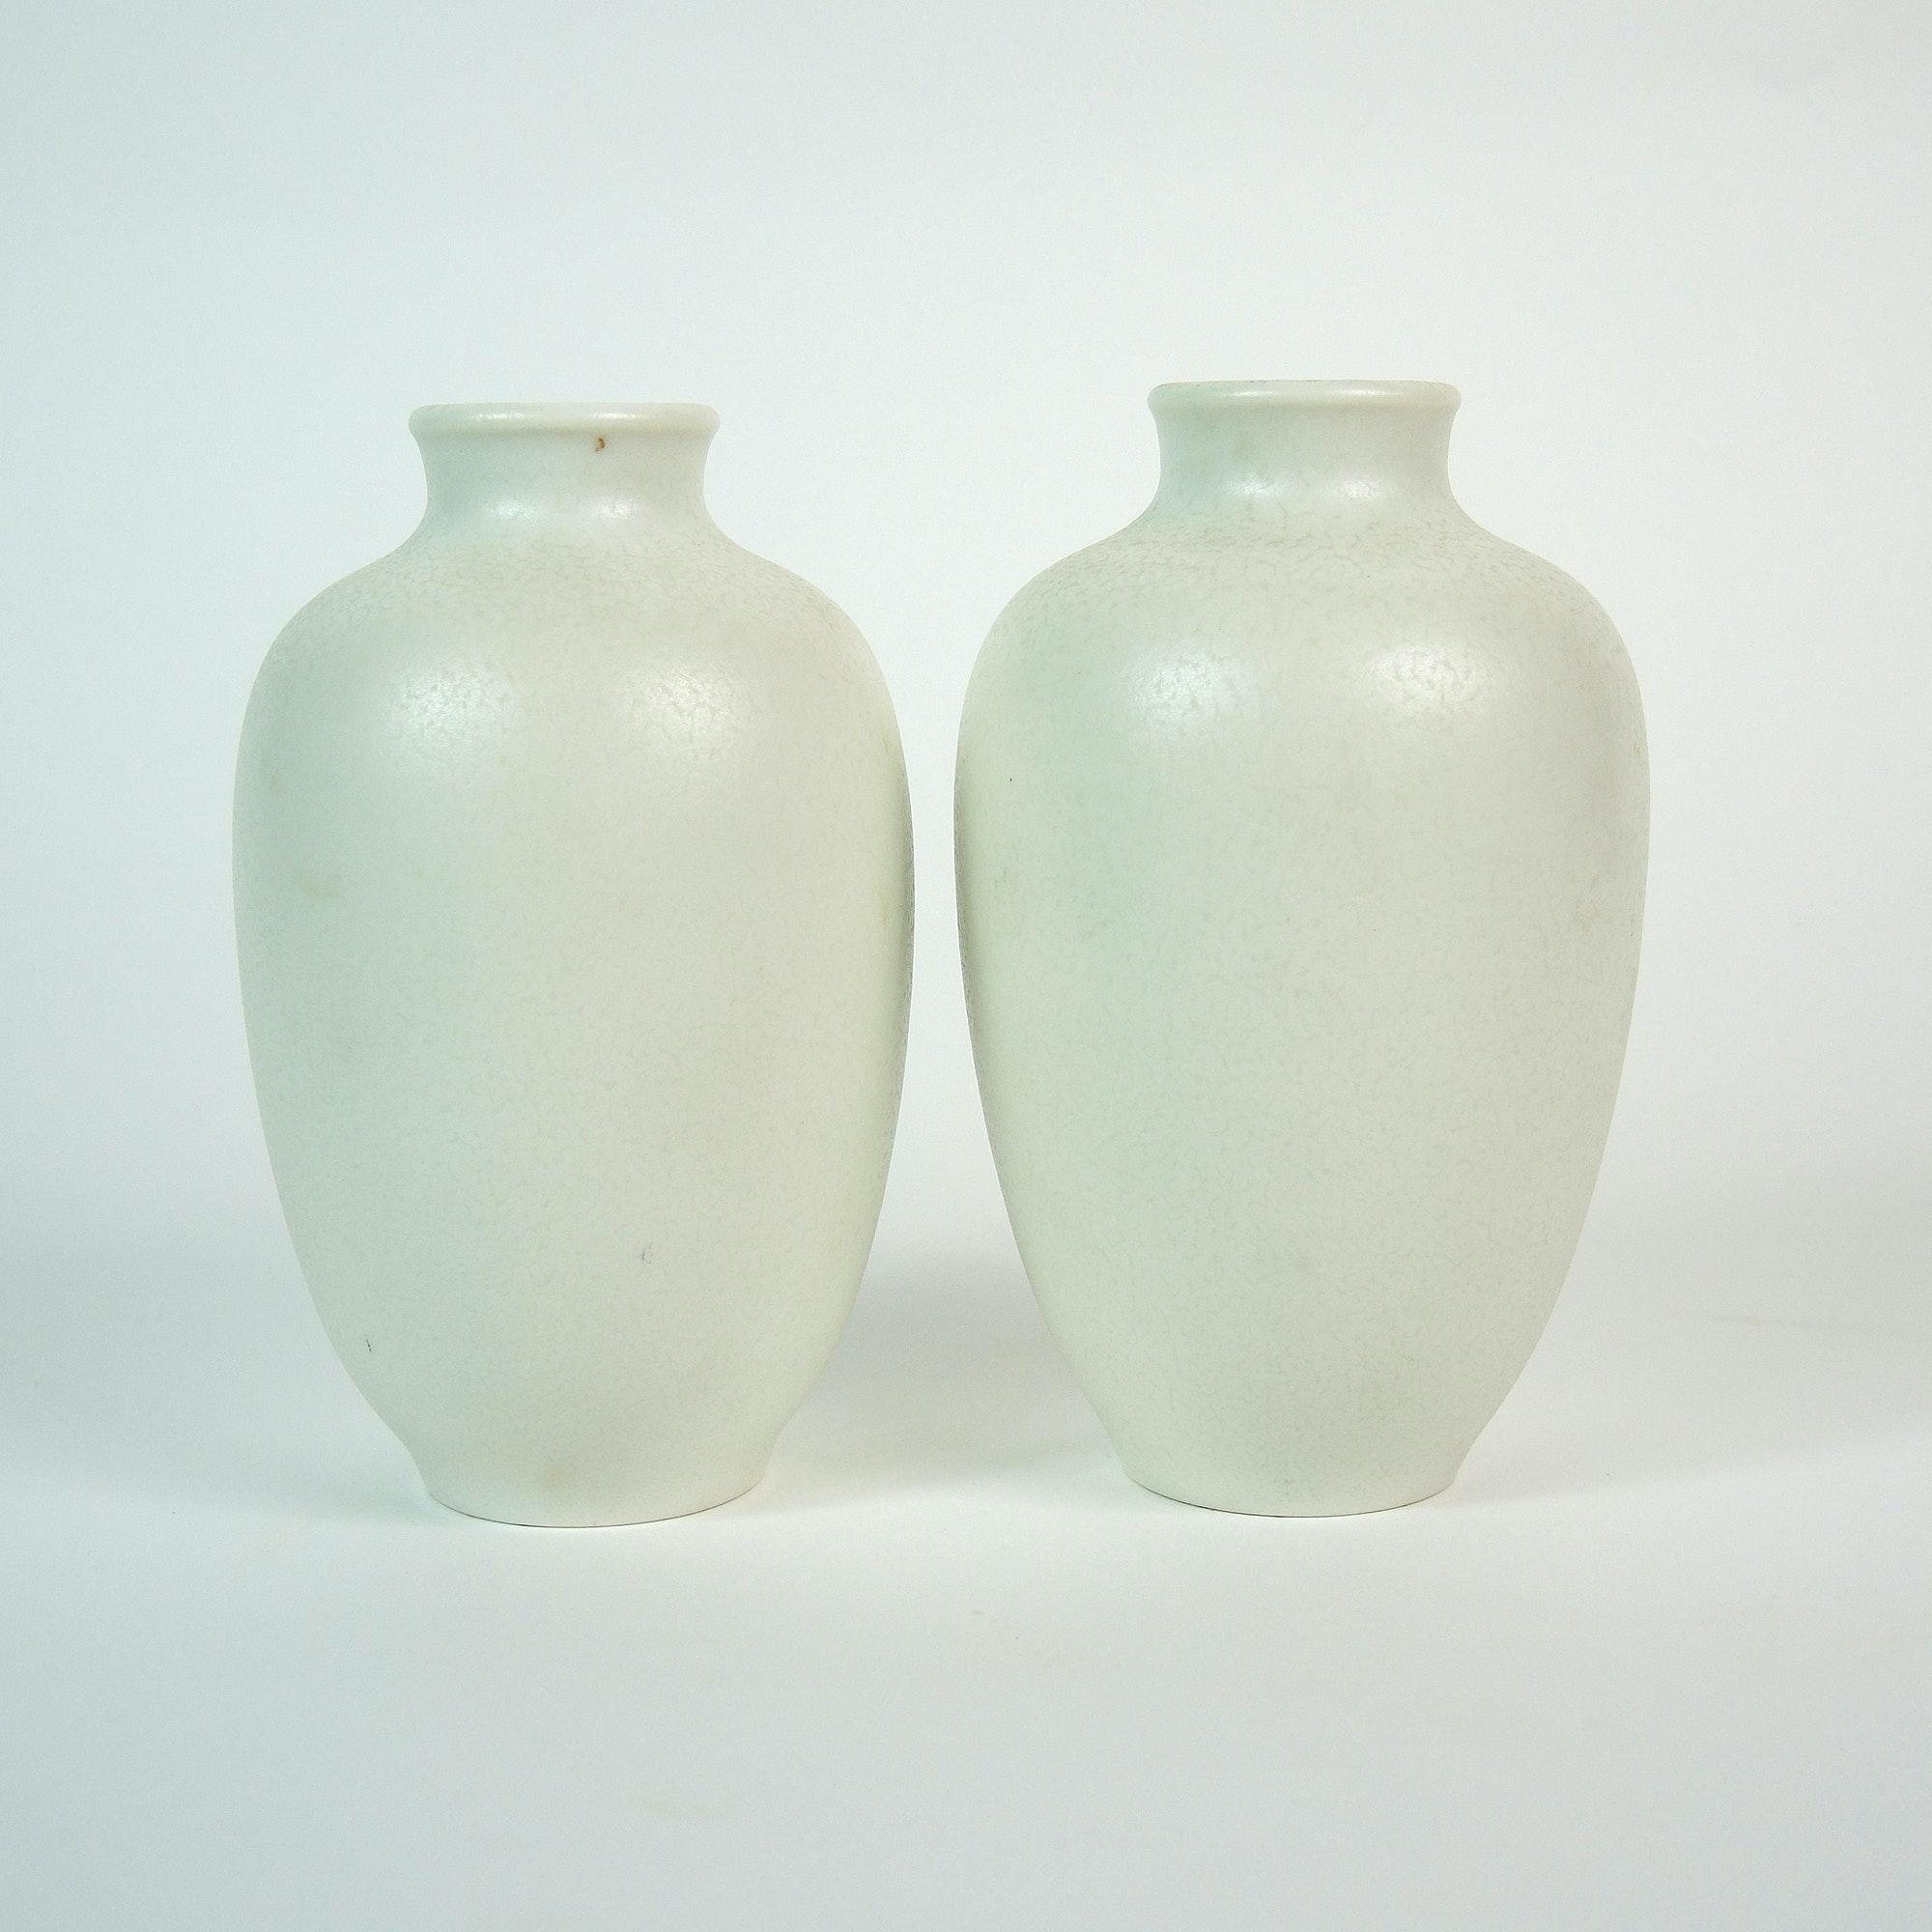 Rookwood Pottery Small White Ovoid Vase Set, 1936